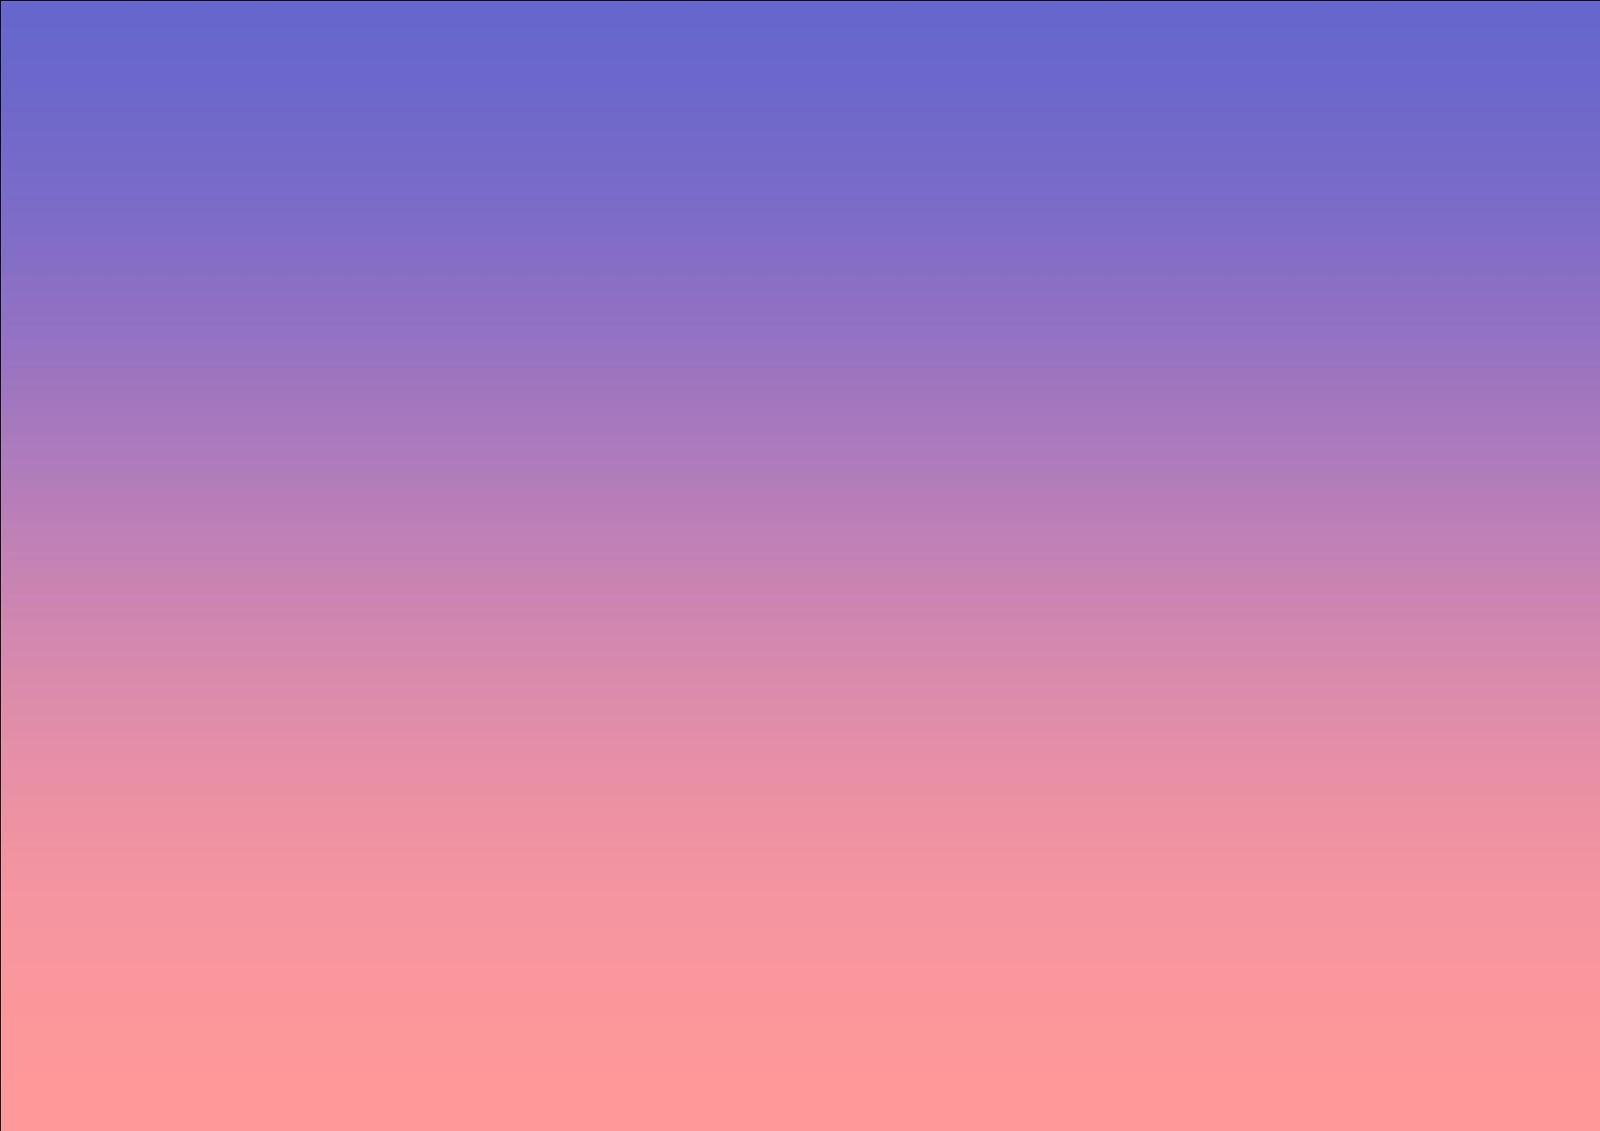 Zoom Diseno Y Fotografia Fondos Degradee De Colores Pasteles